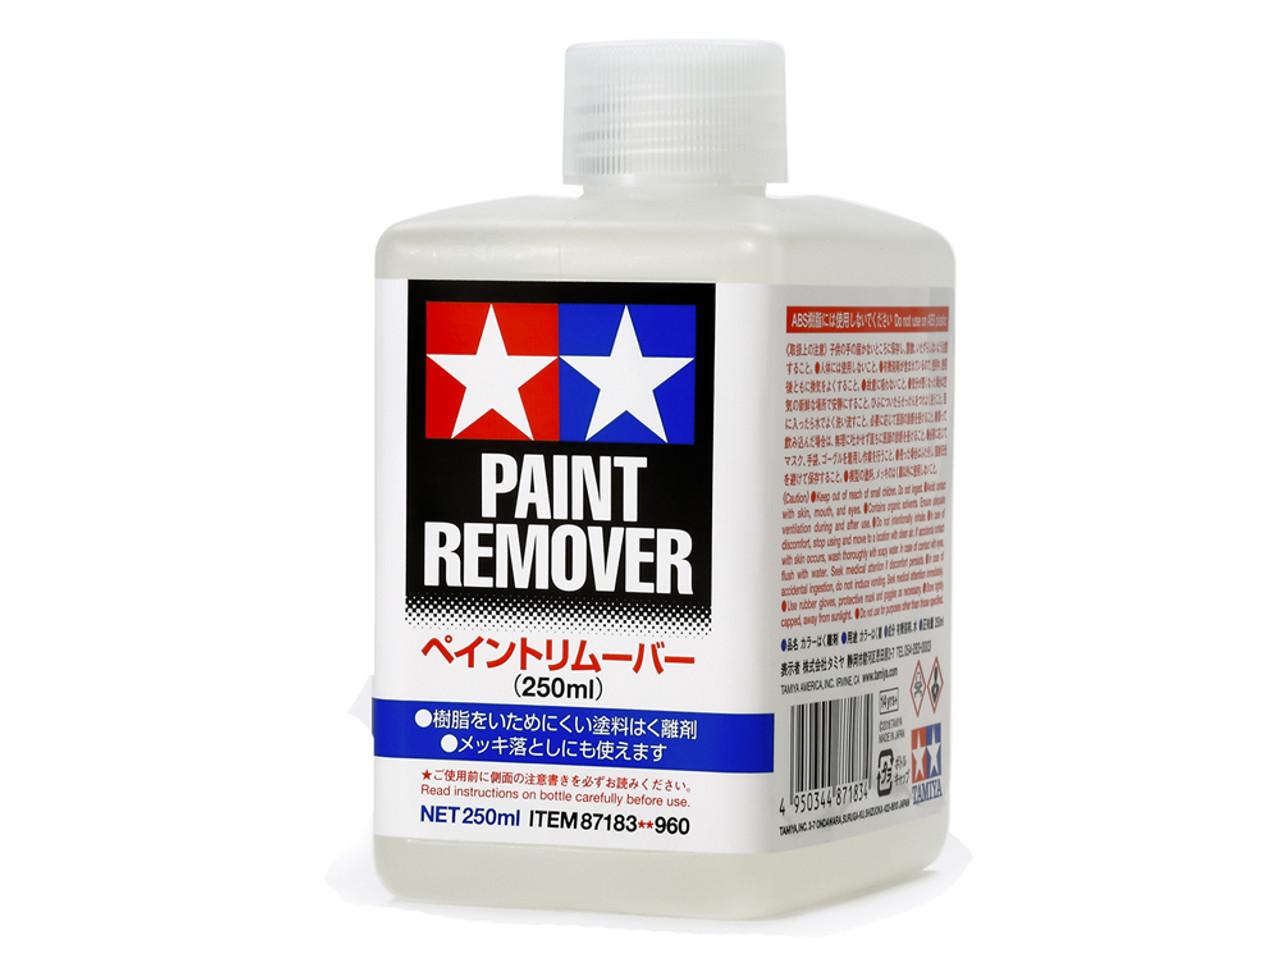 Styrene paint stripper